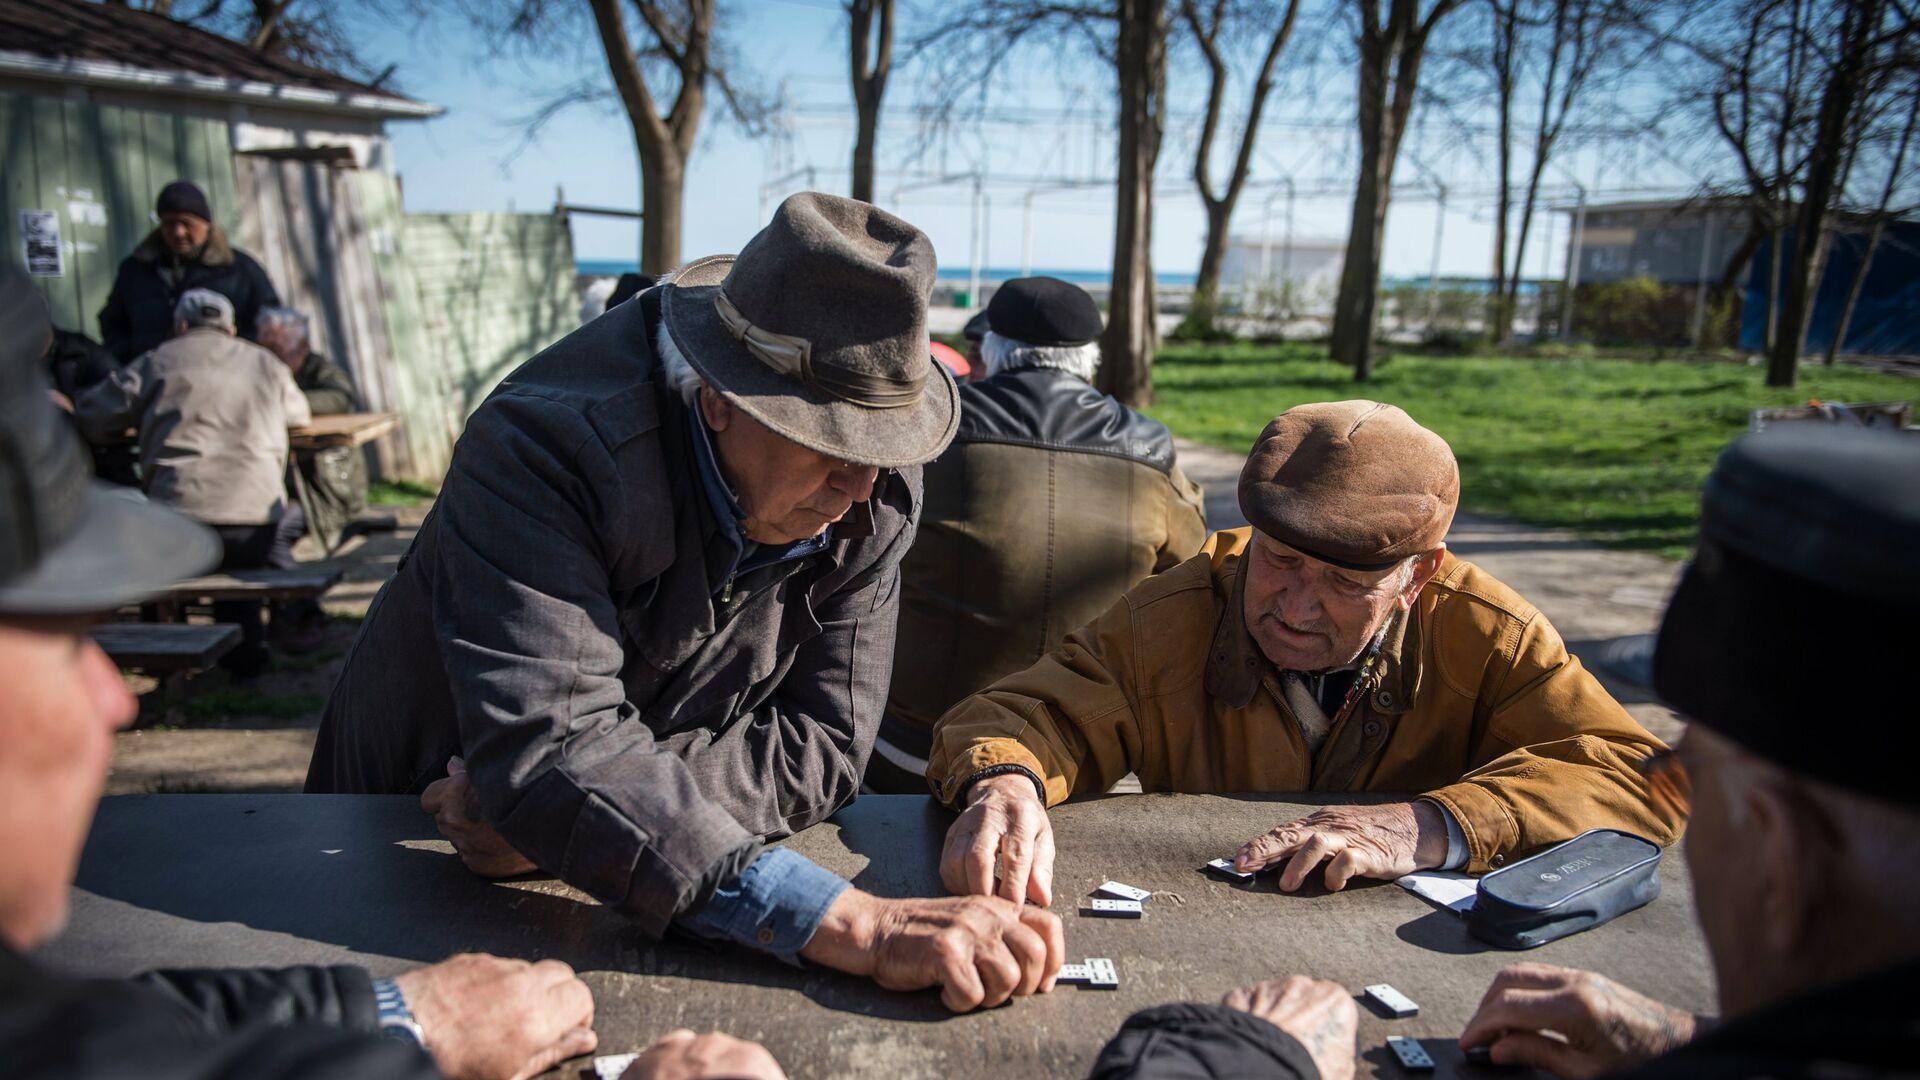 Пенсионеры играют в домино - Sputnik Латвия, 1920, 30.09.2021